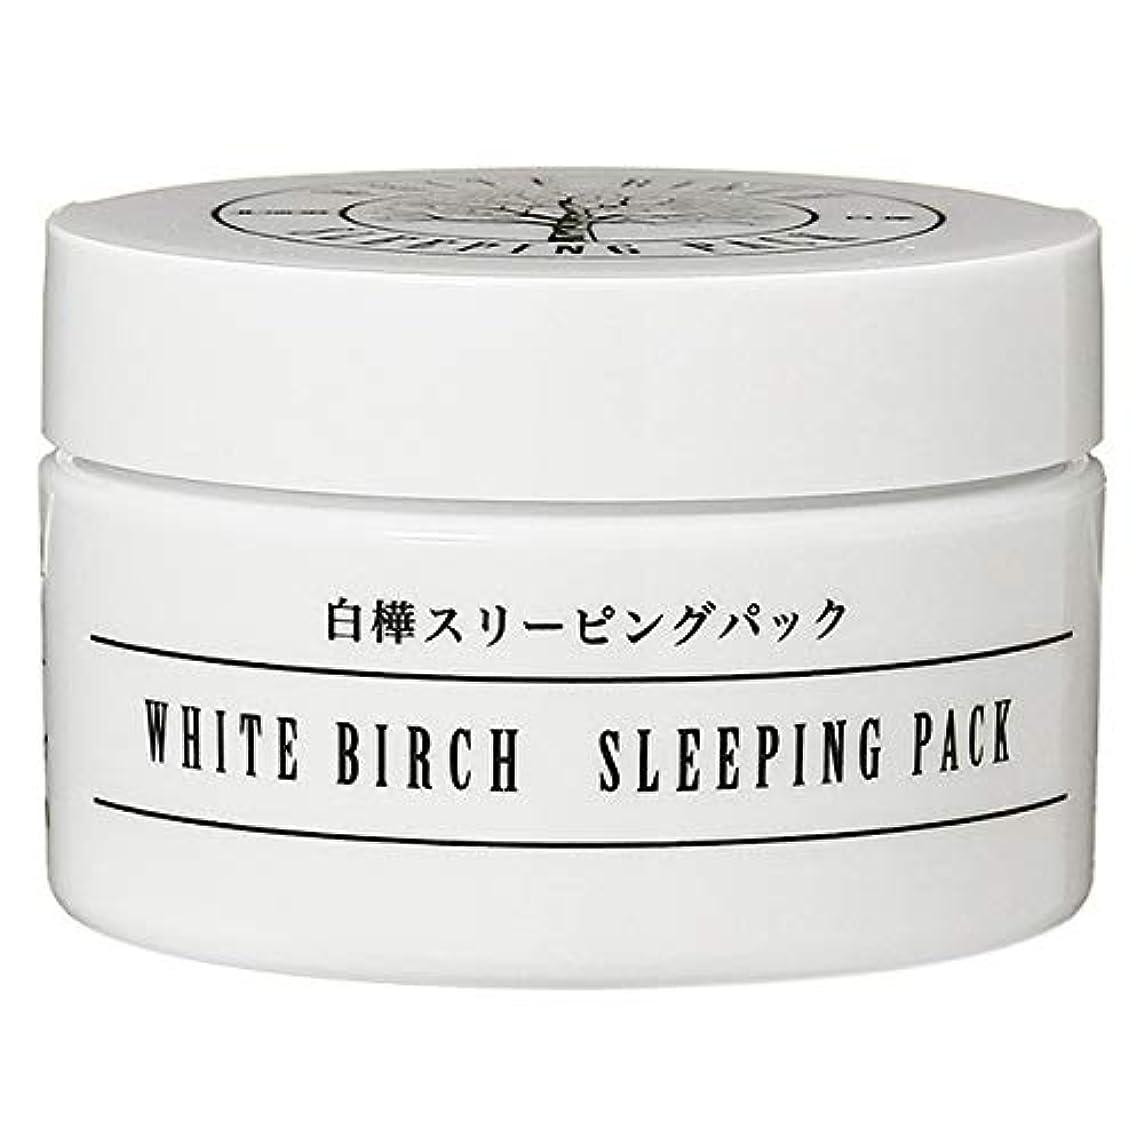 熟考するファックスコア北海道アンソロポロジー 白樺スリーピングパック 80g